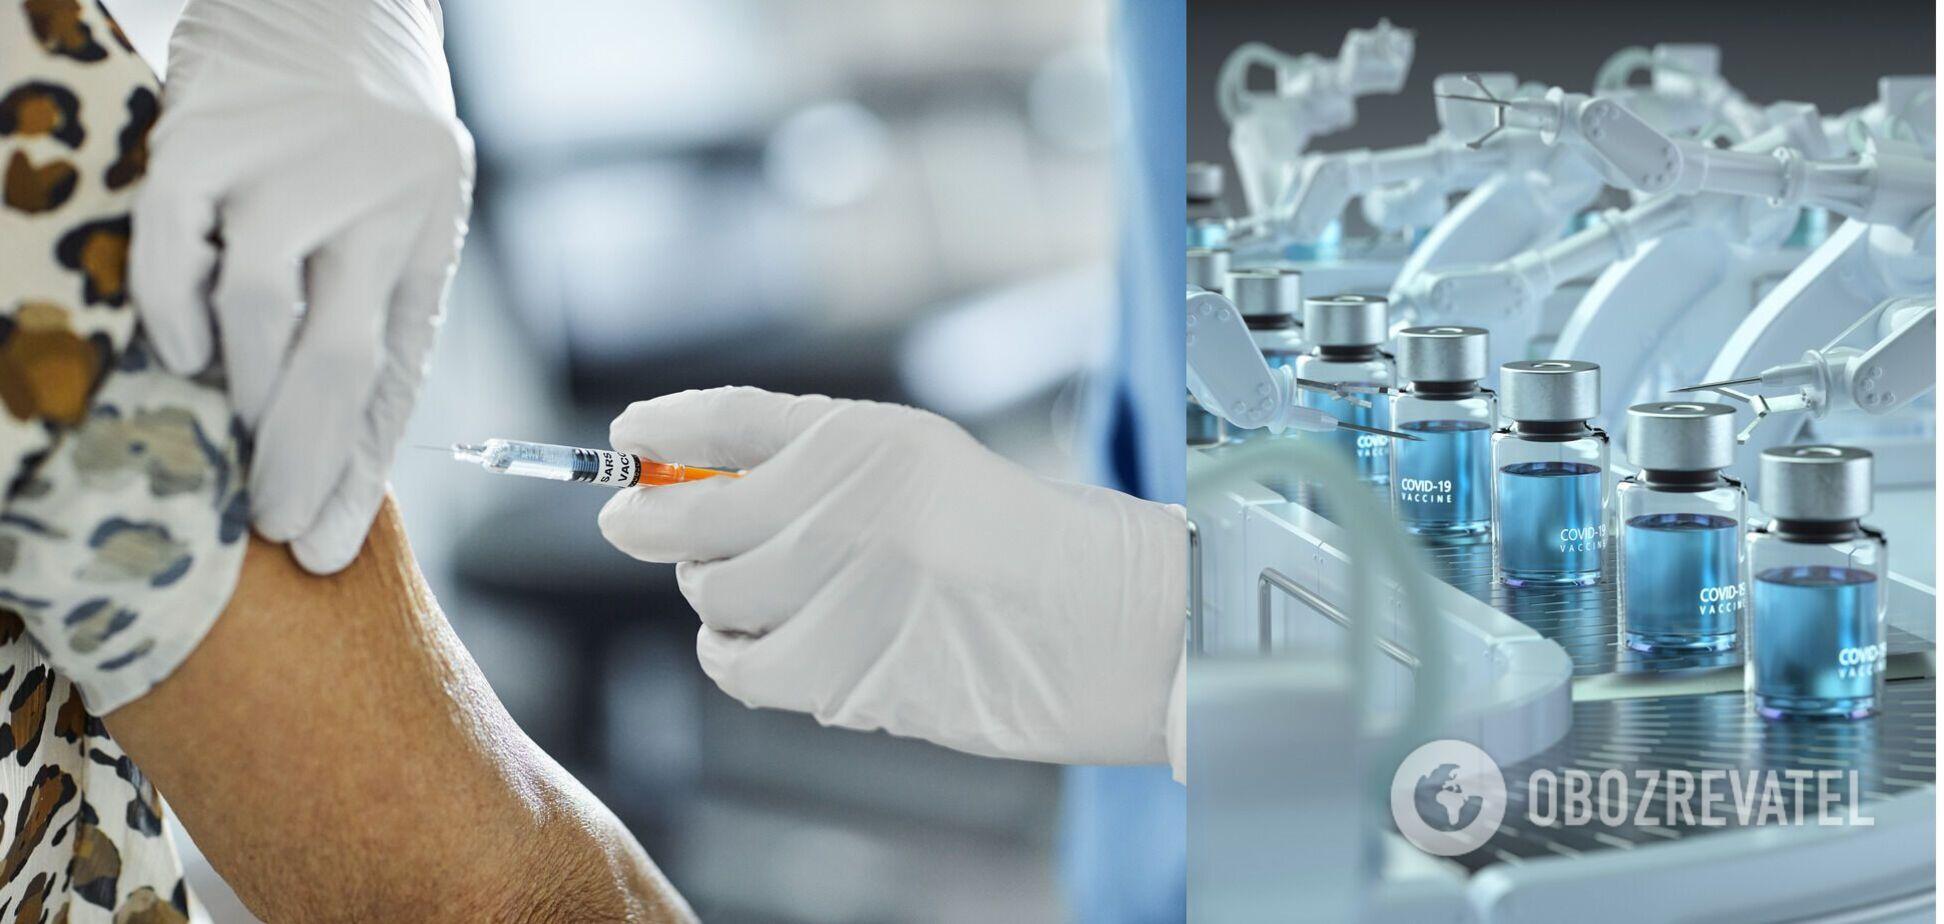 Відомий лікар закликав РНБО зайнятися проблемою з вакцинацією в Україні